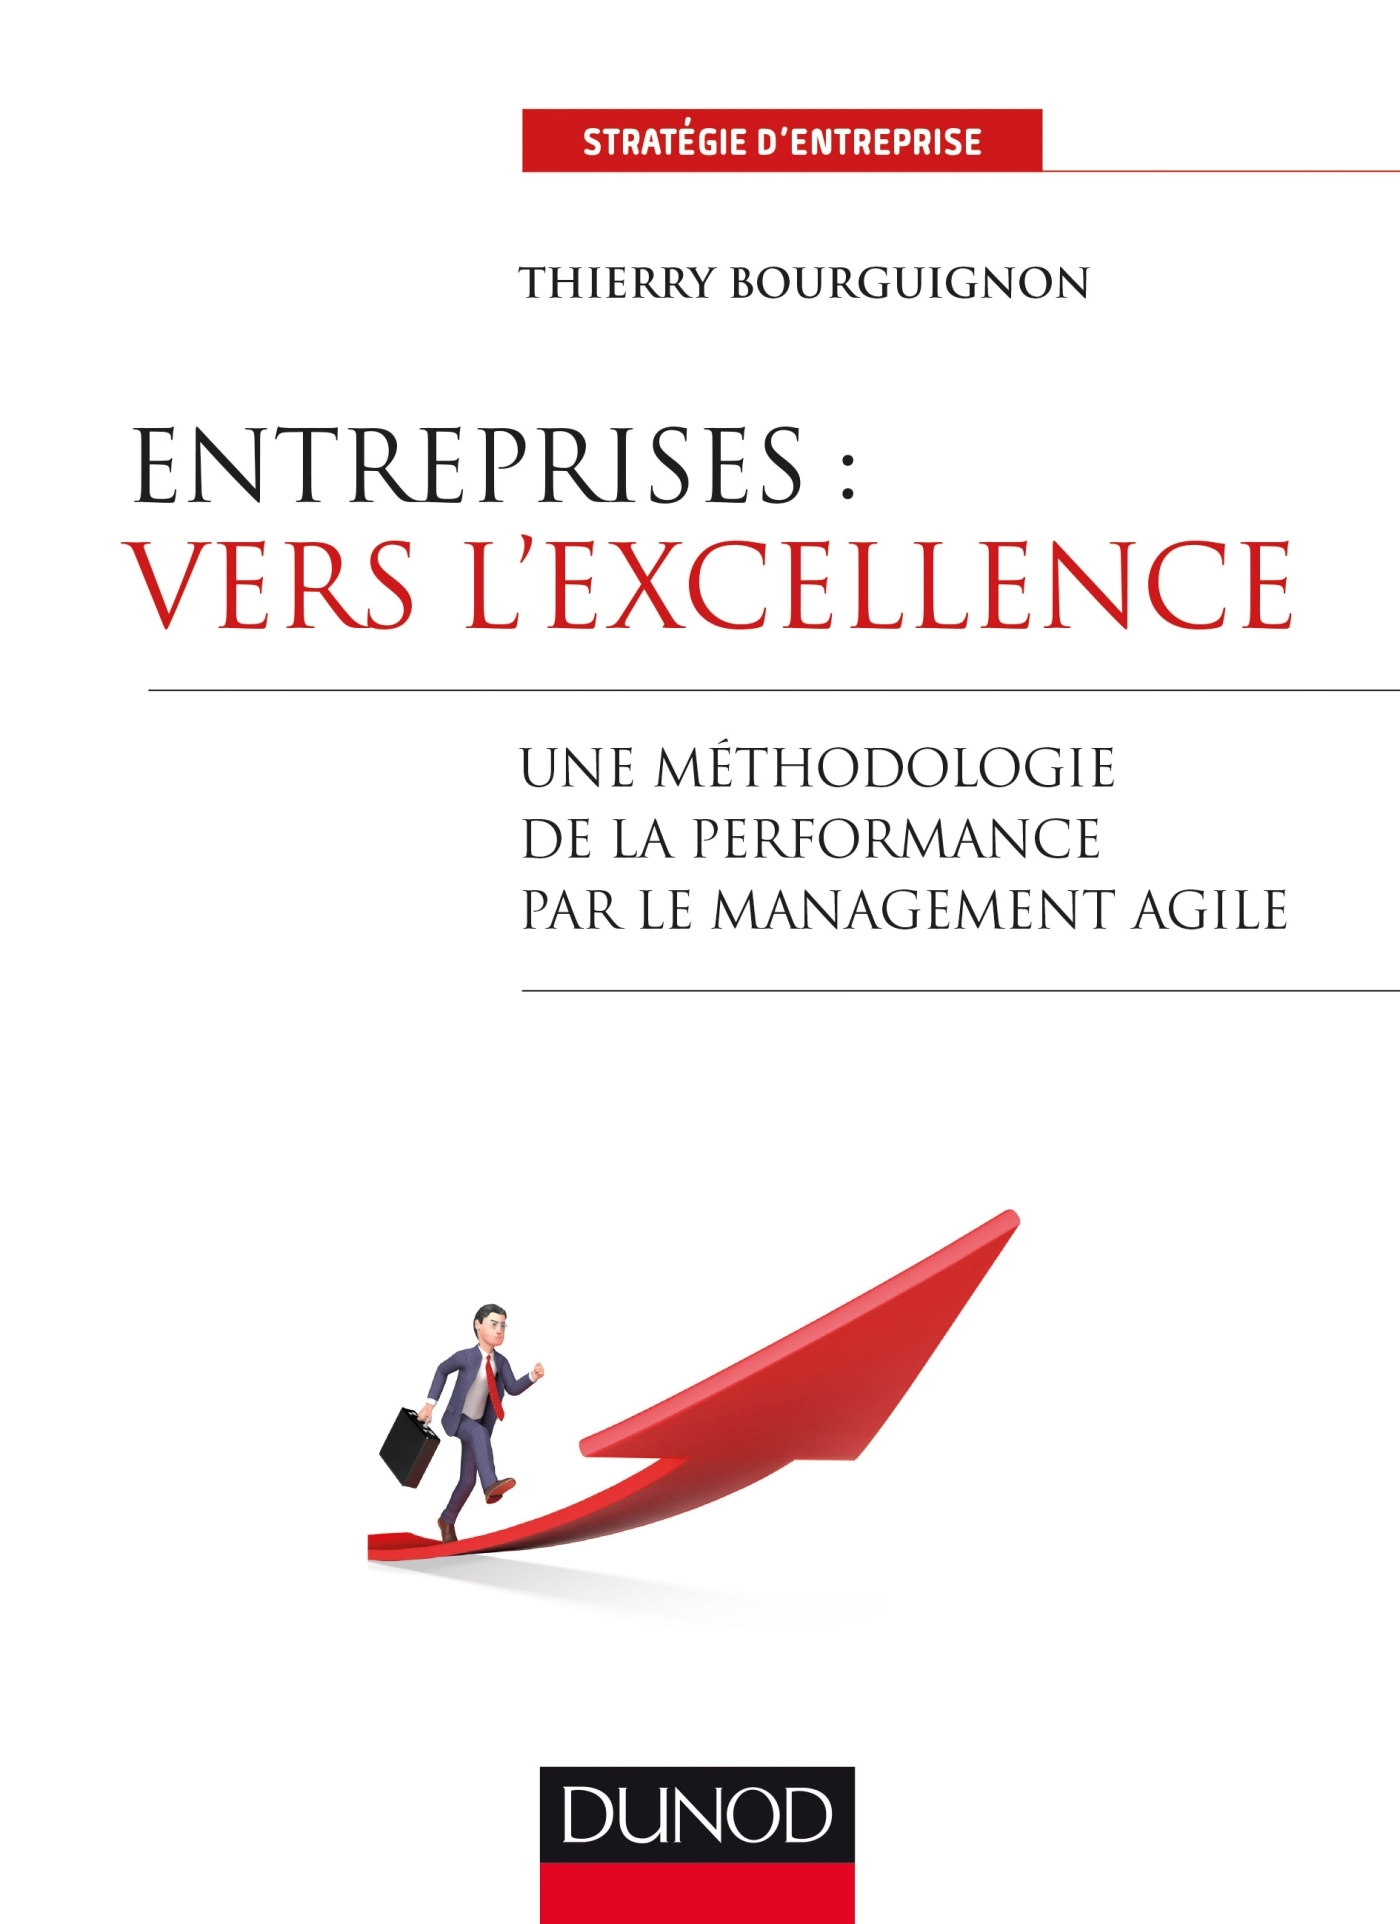 ENTREPRISES : VERS L'EXCELLENCE - UNE METHODOLOGIE DE LA PERFORMANCE PAR LE MANAGEMENT AGILE